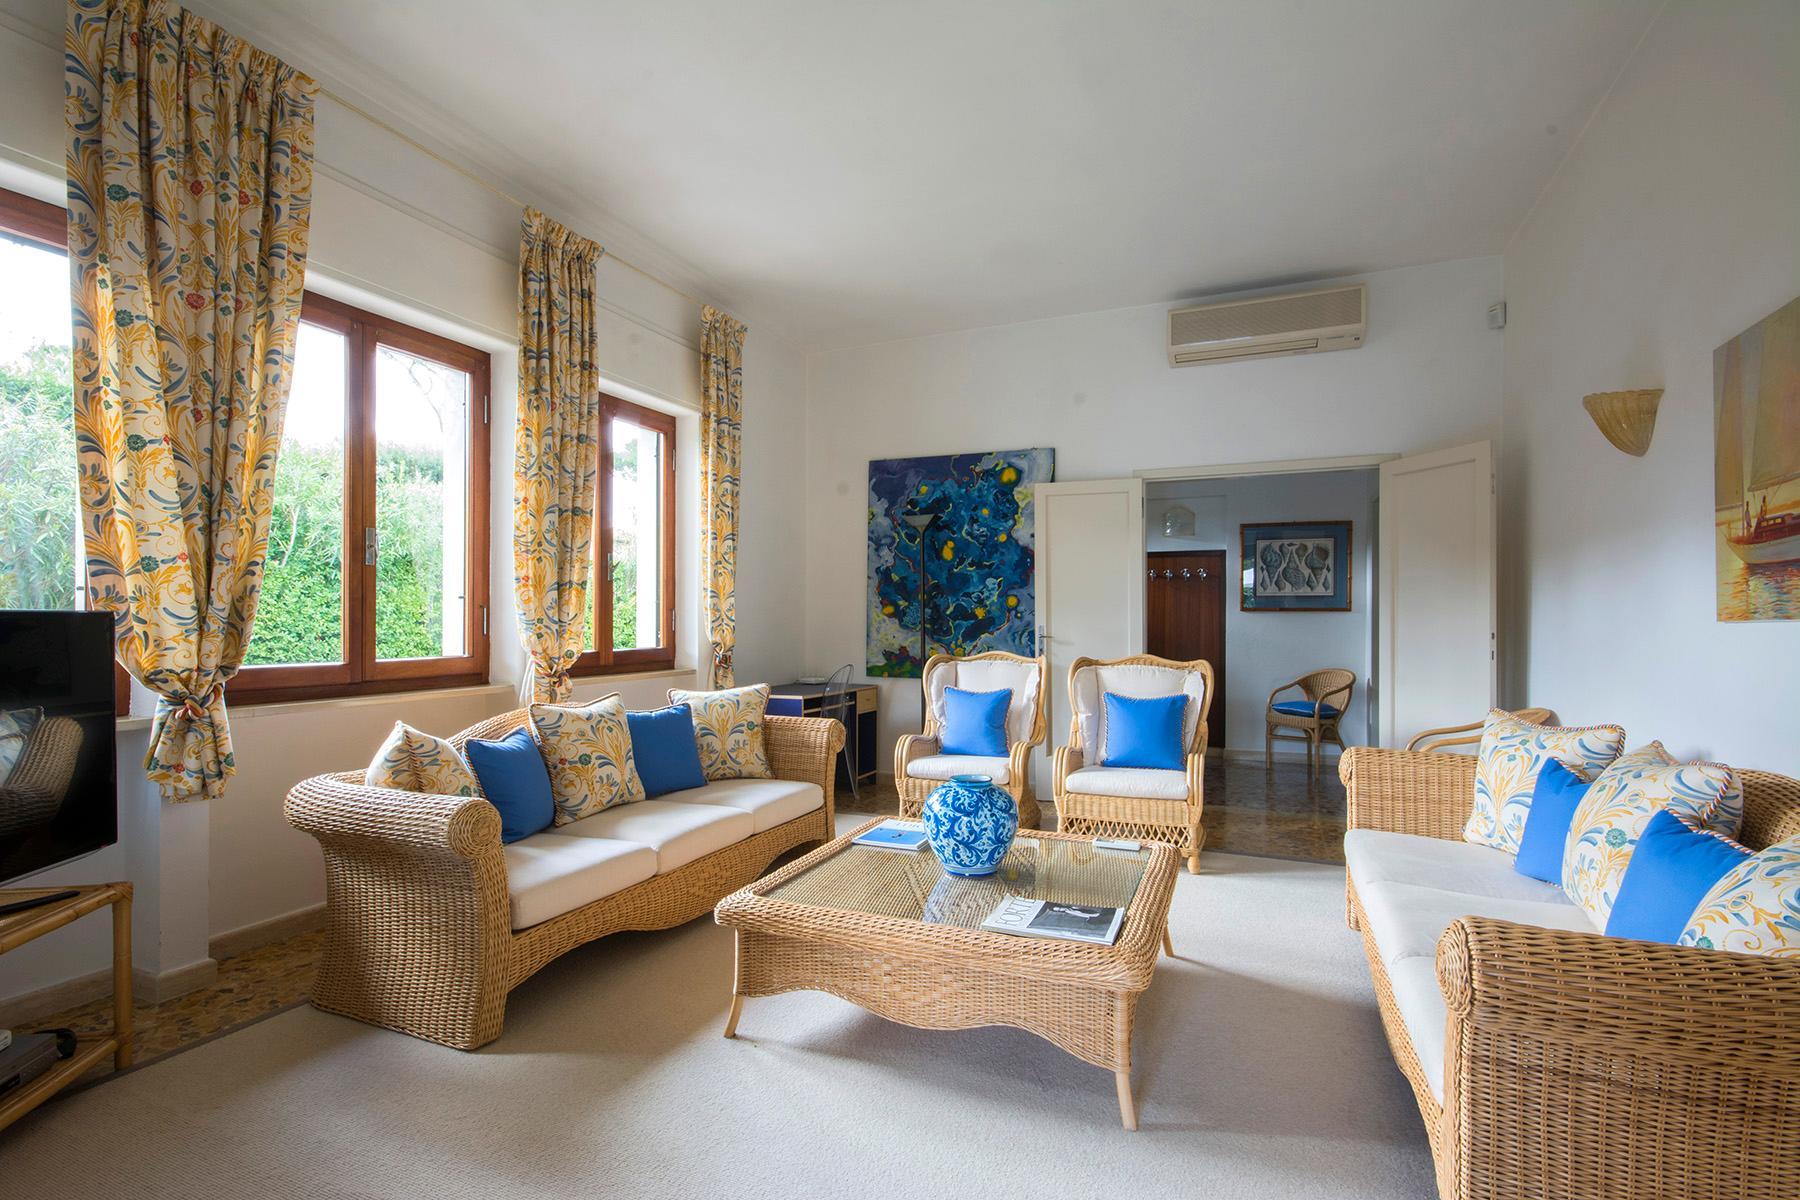 Wunderschöne Villa mit Garten in der Nähe vom Meer - 1